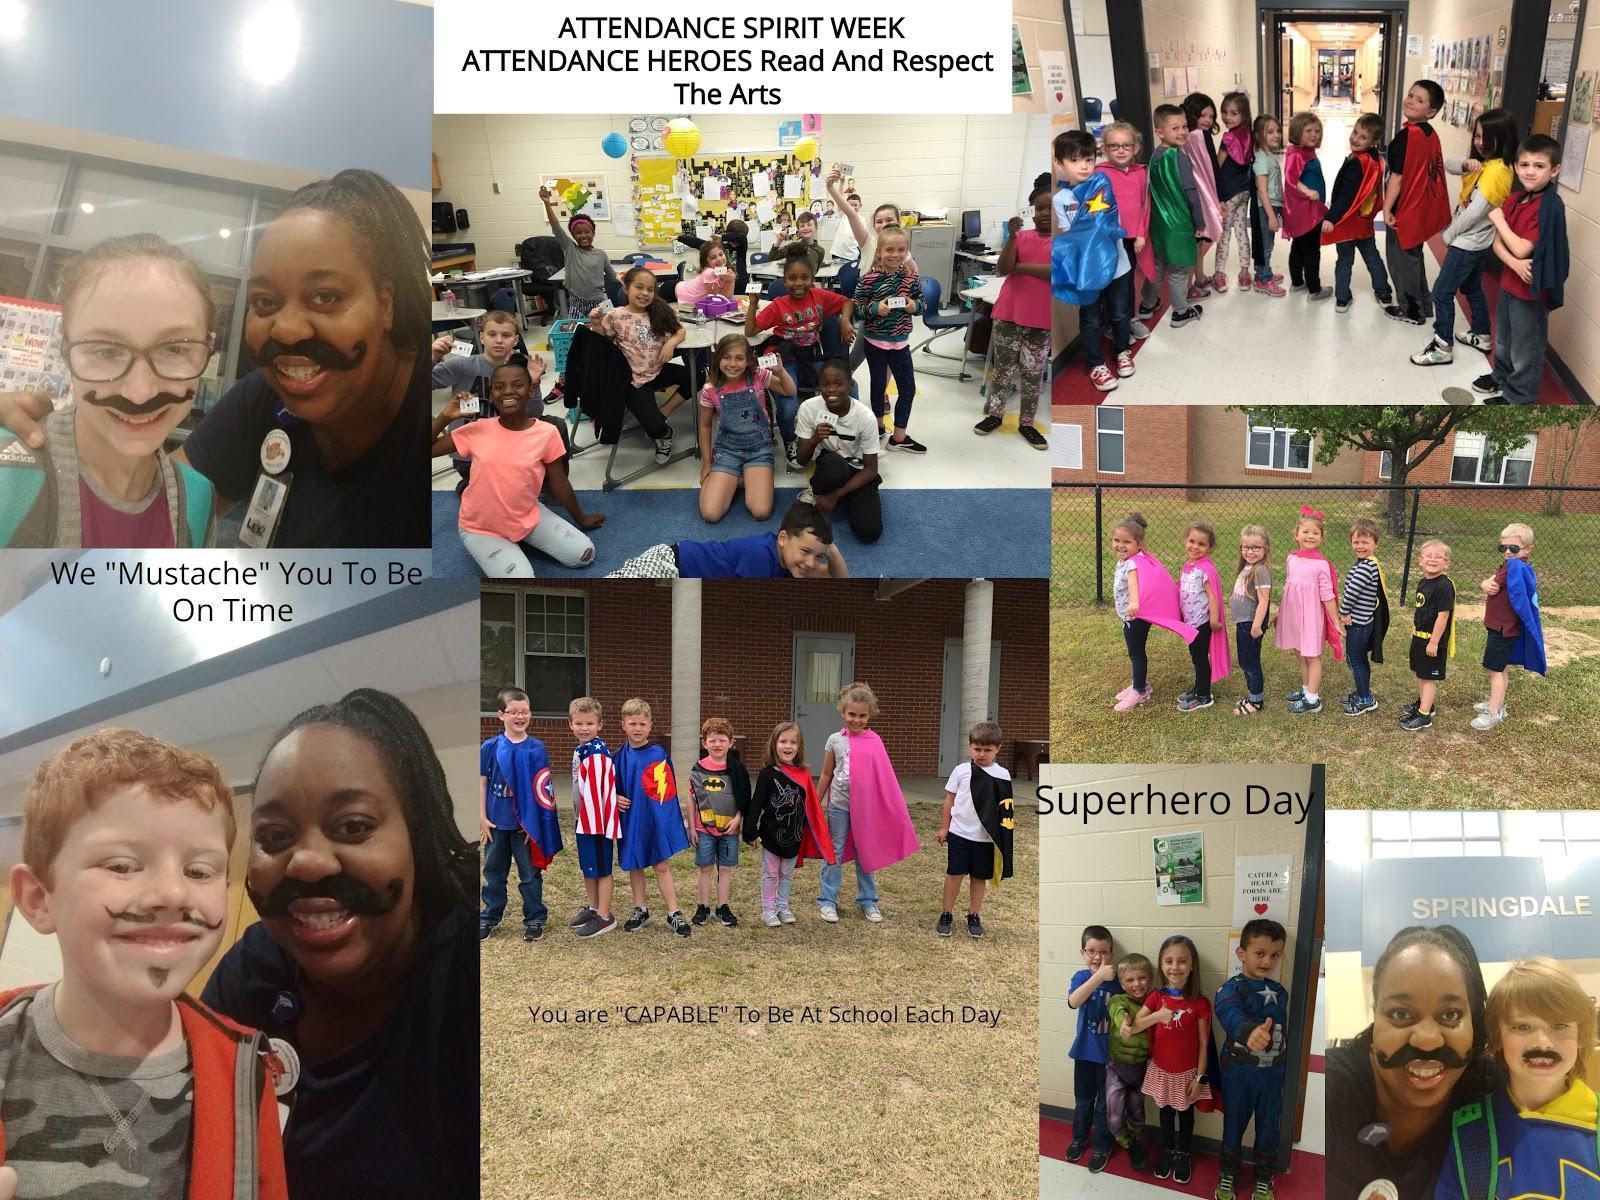 Attendance Heroes Week